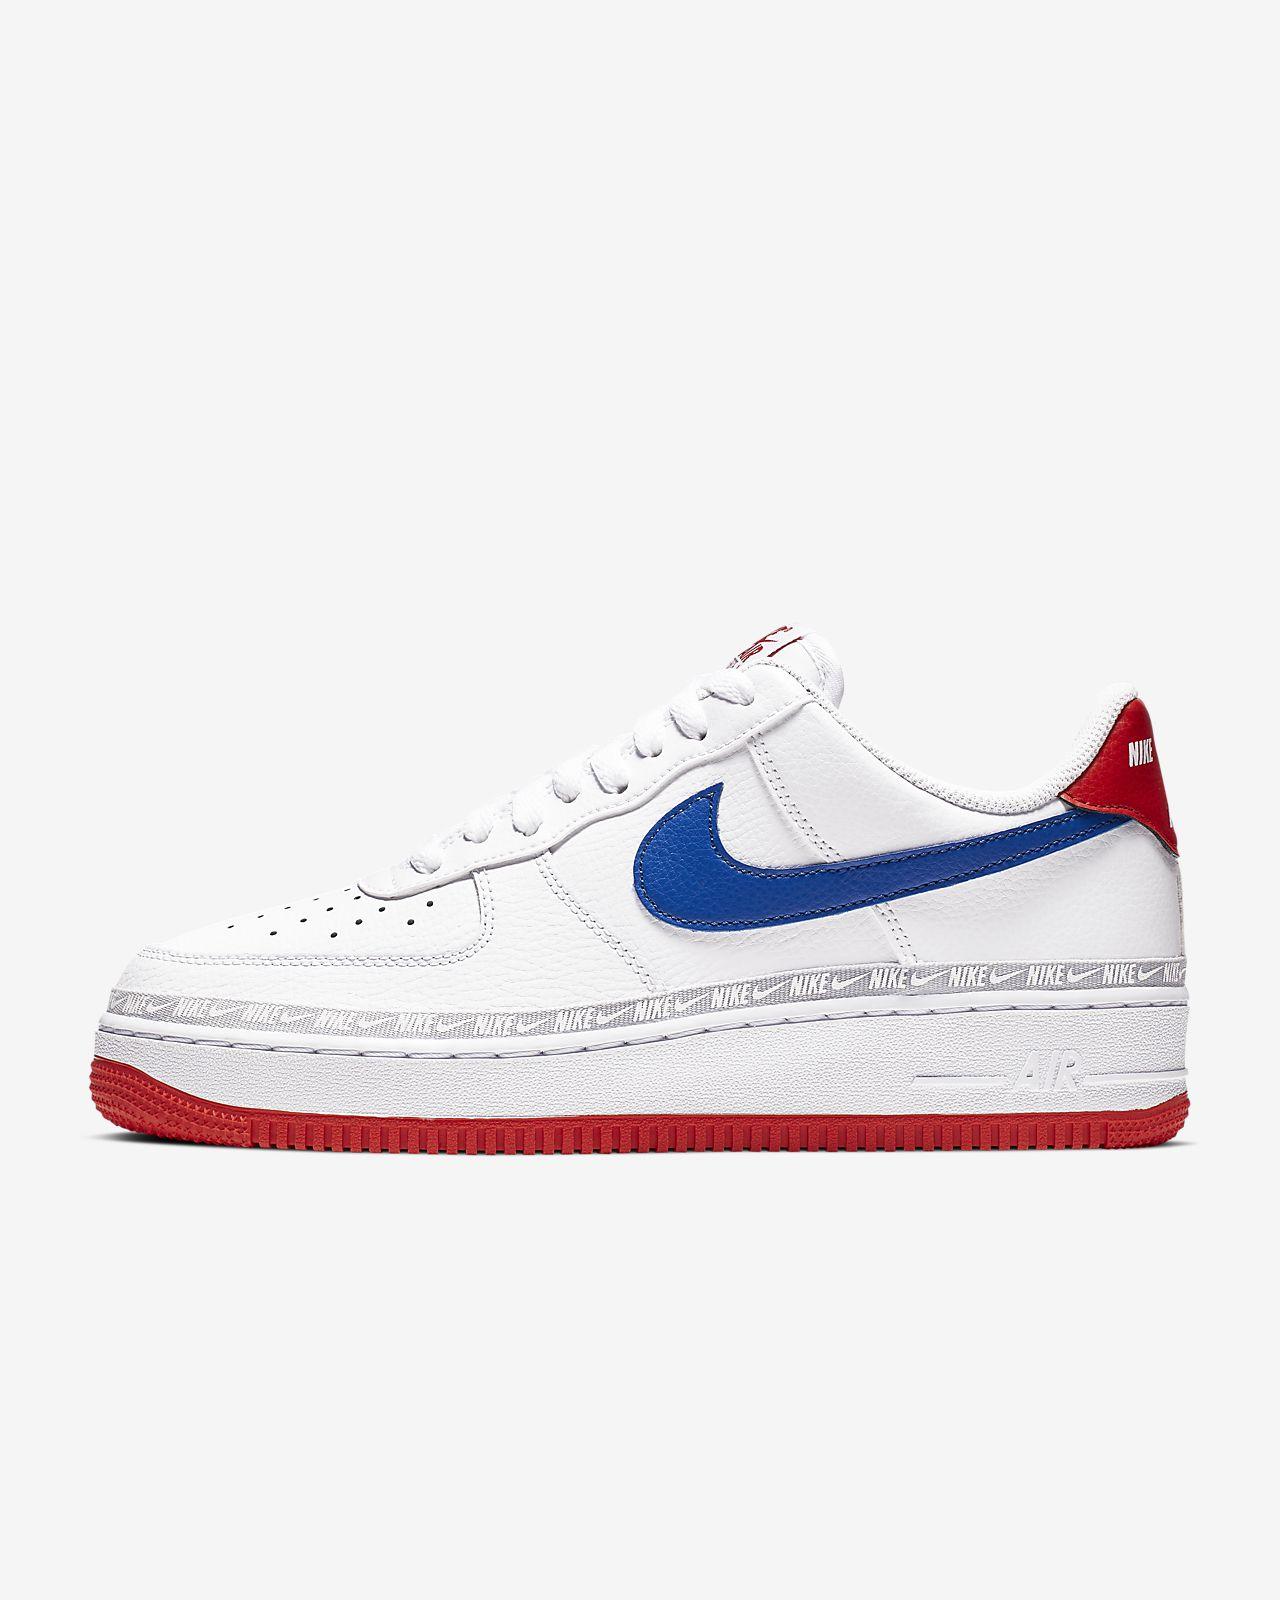 Nike Air Force 1 '07 LV8 Erkek Ayakkabısı